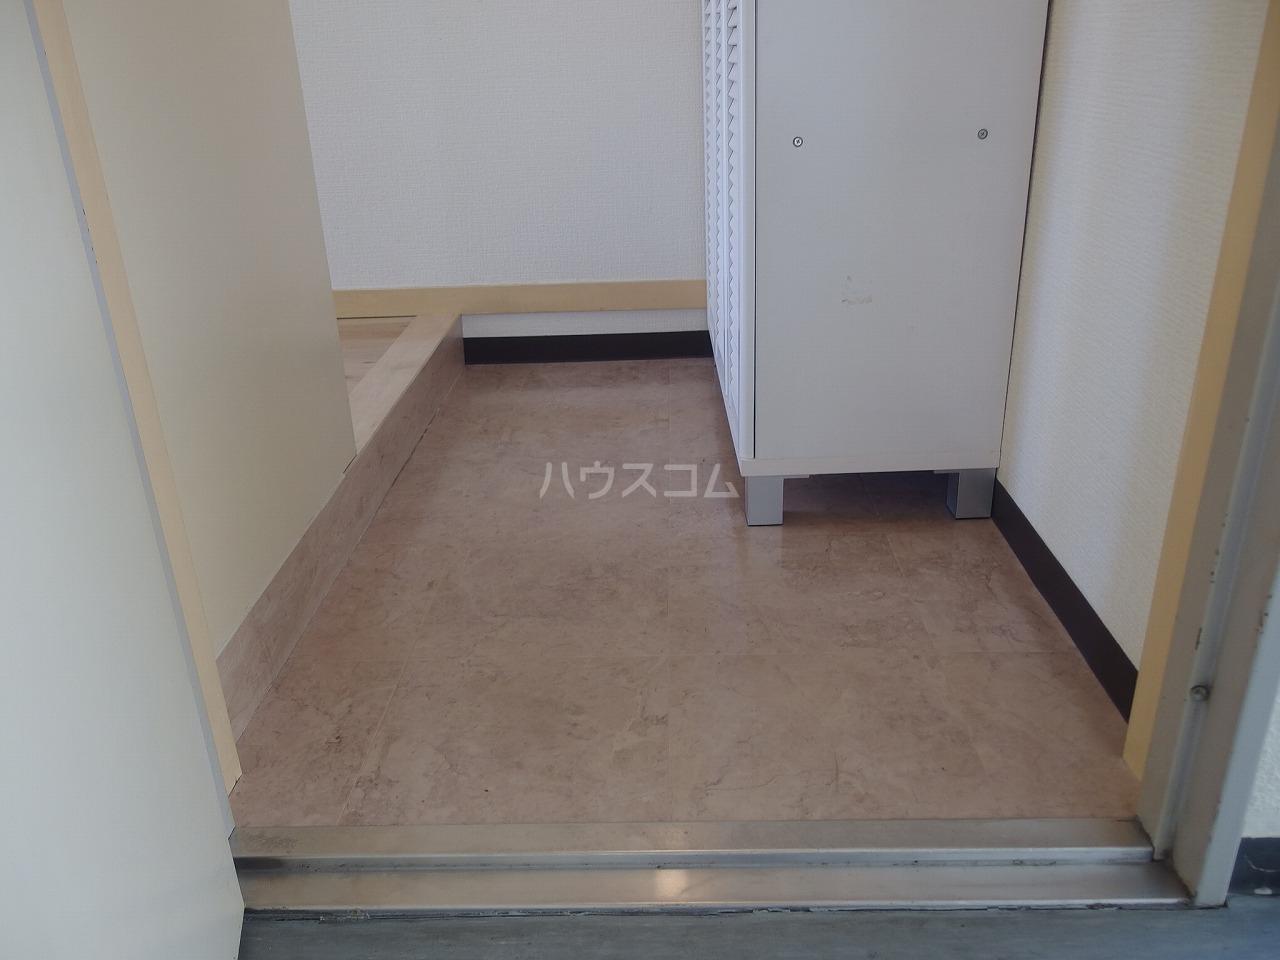 グランラパン 101号室の玄関